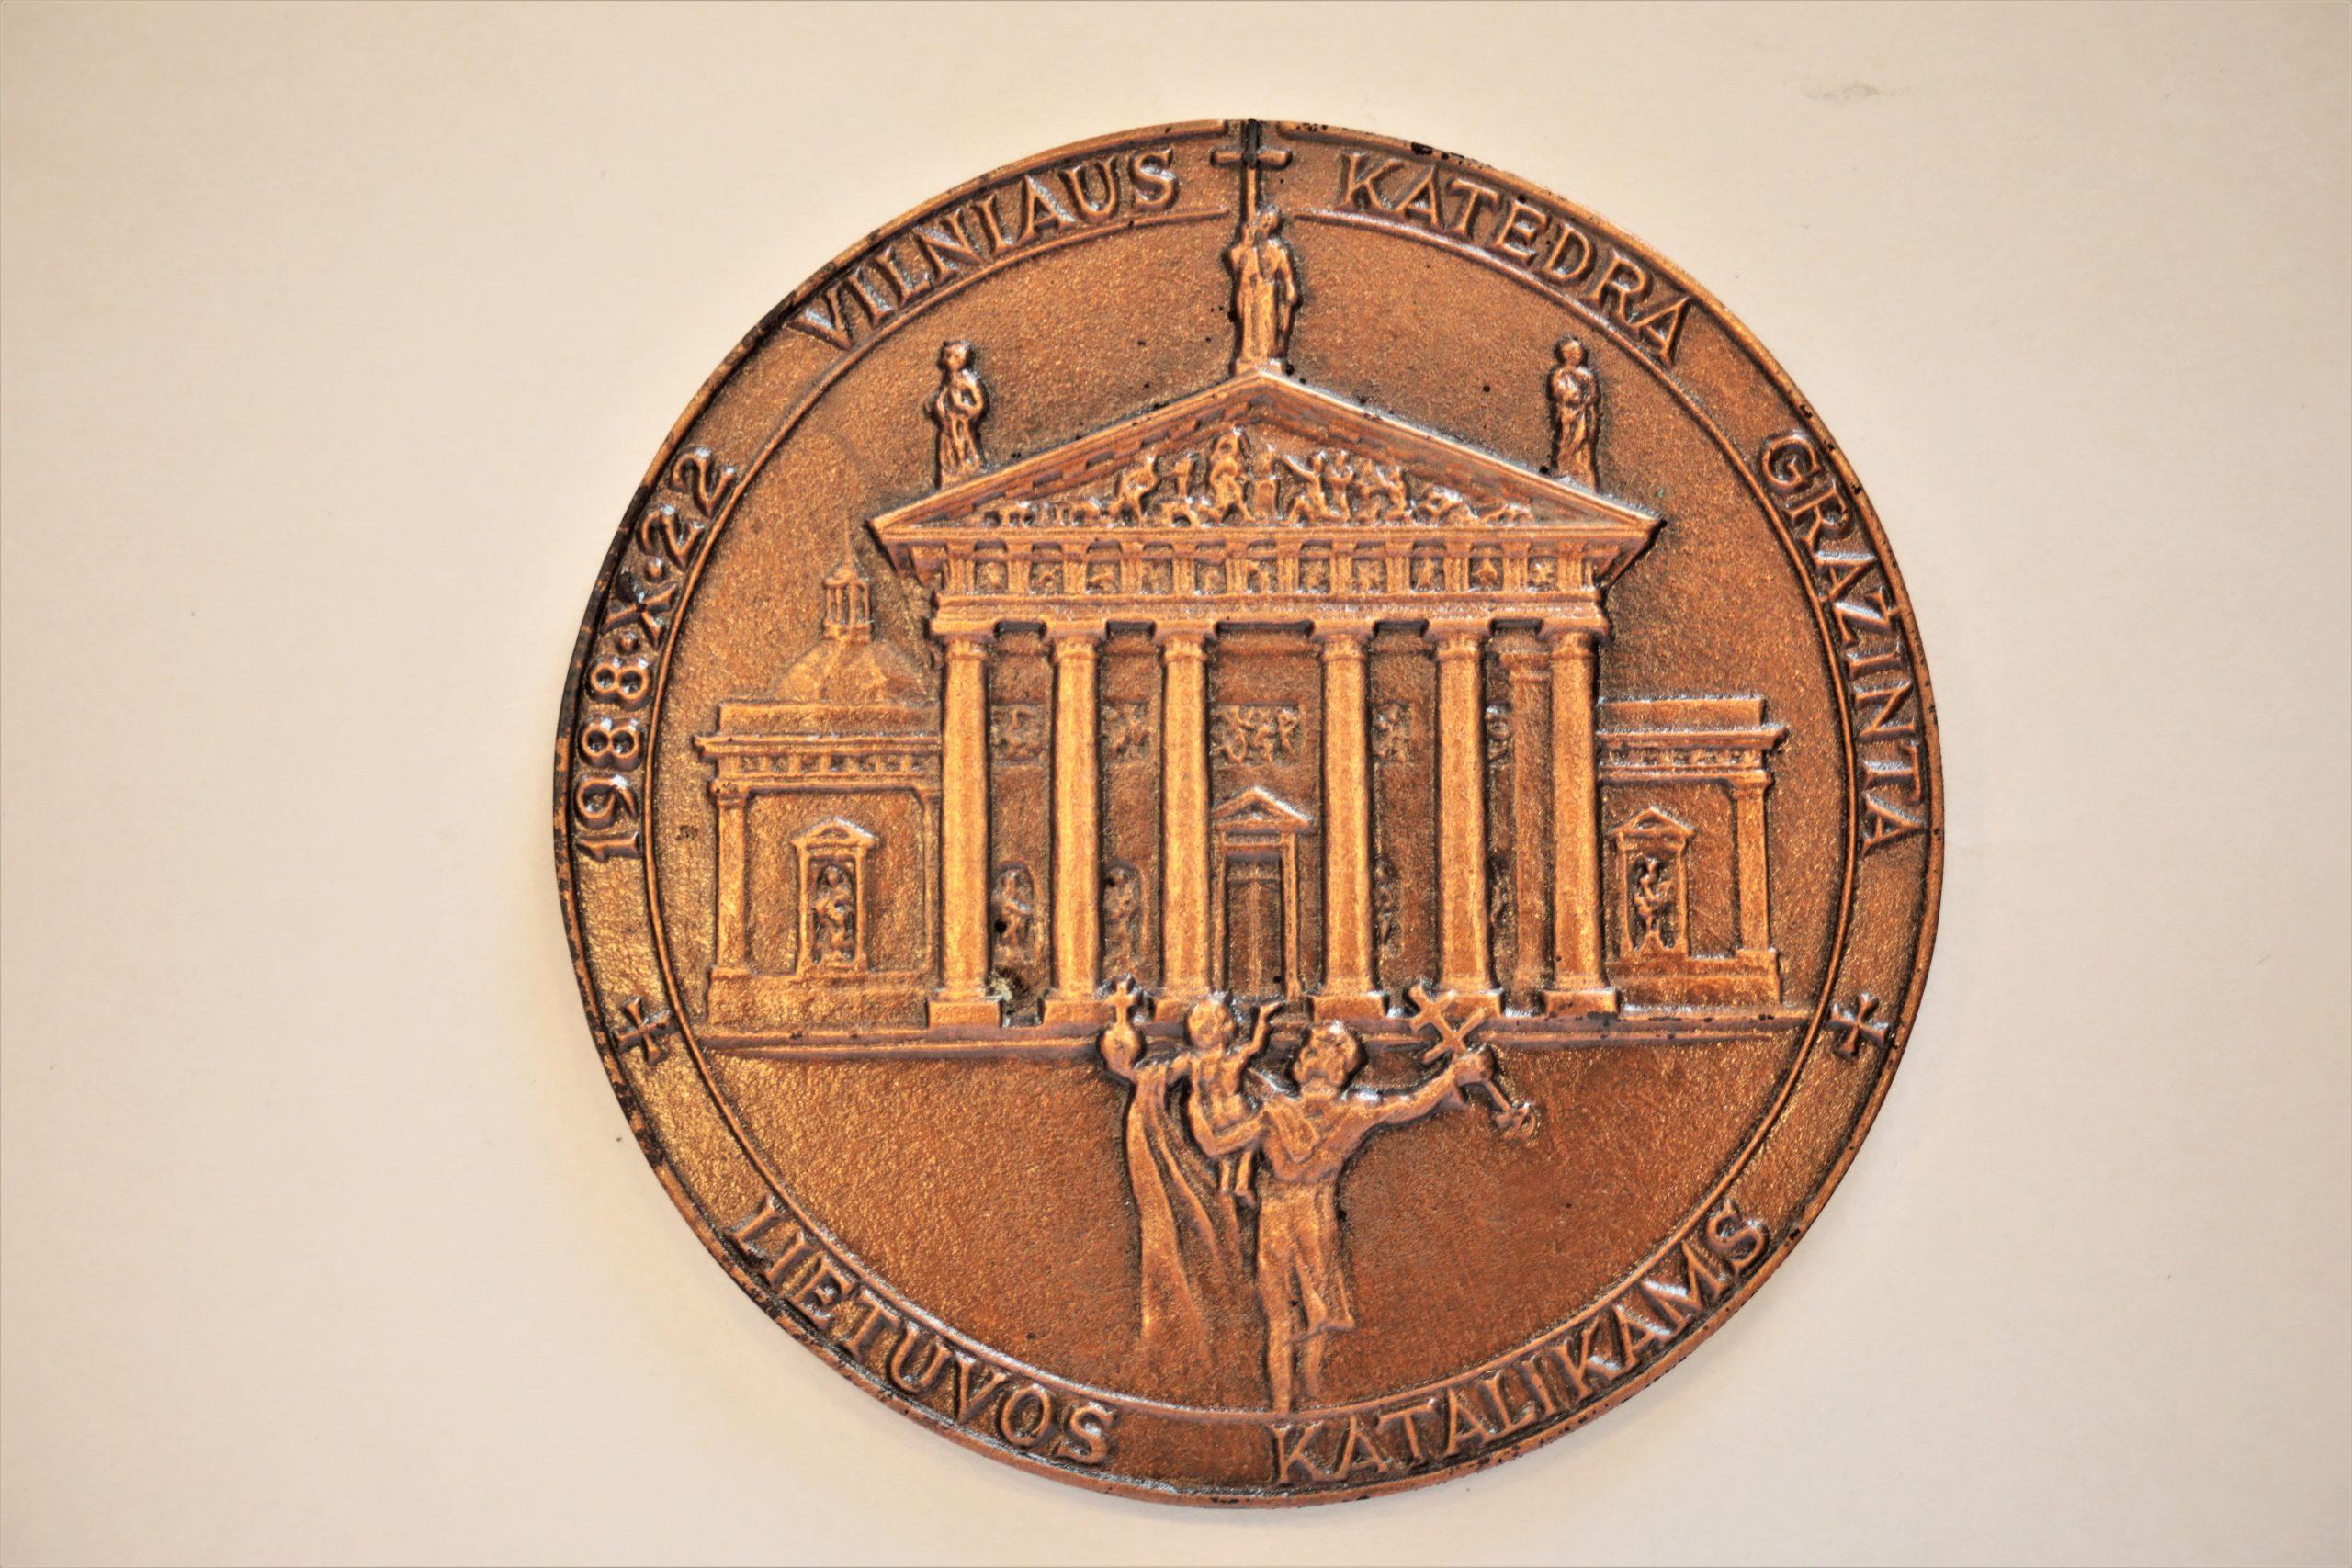 Medalis. Vilniaus Katedra grąžinta Lietuvos katalikams. Metalas. Autorius nežinomas